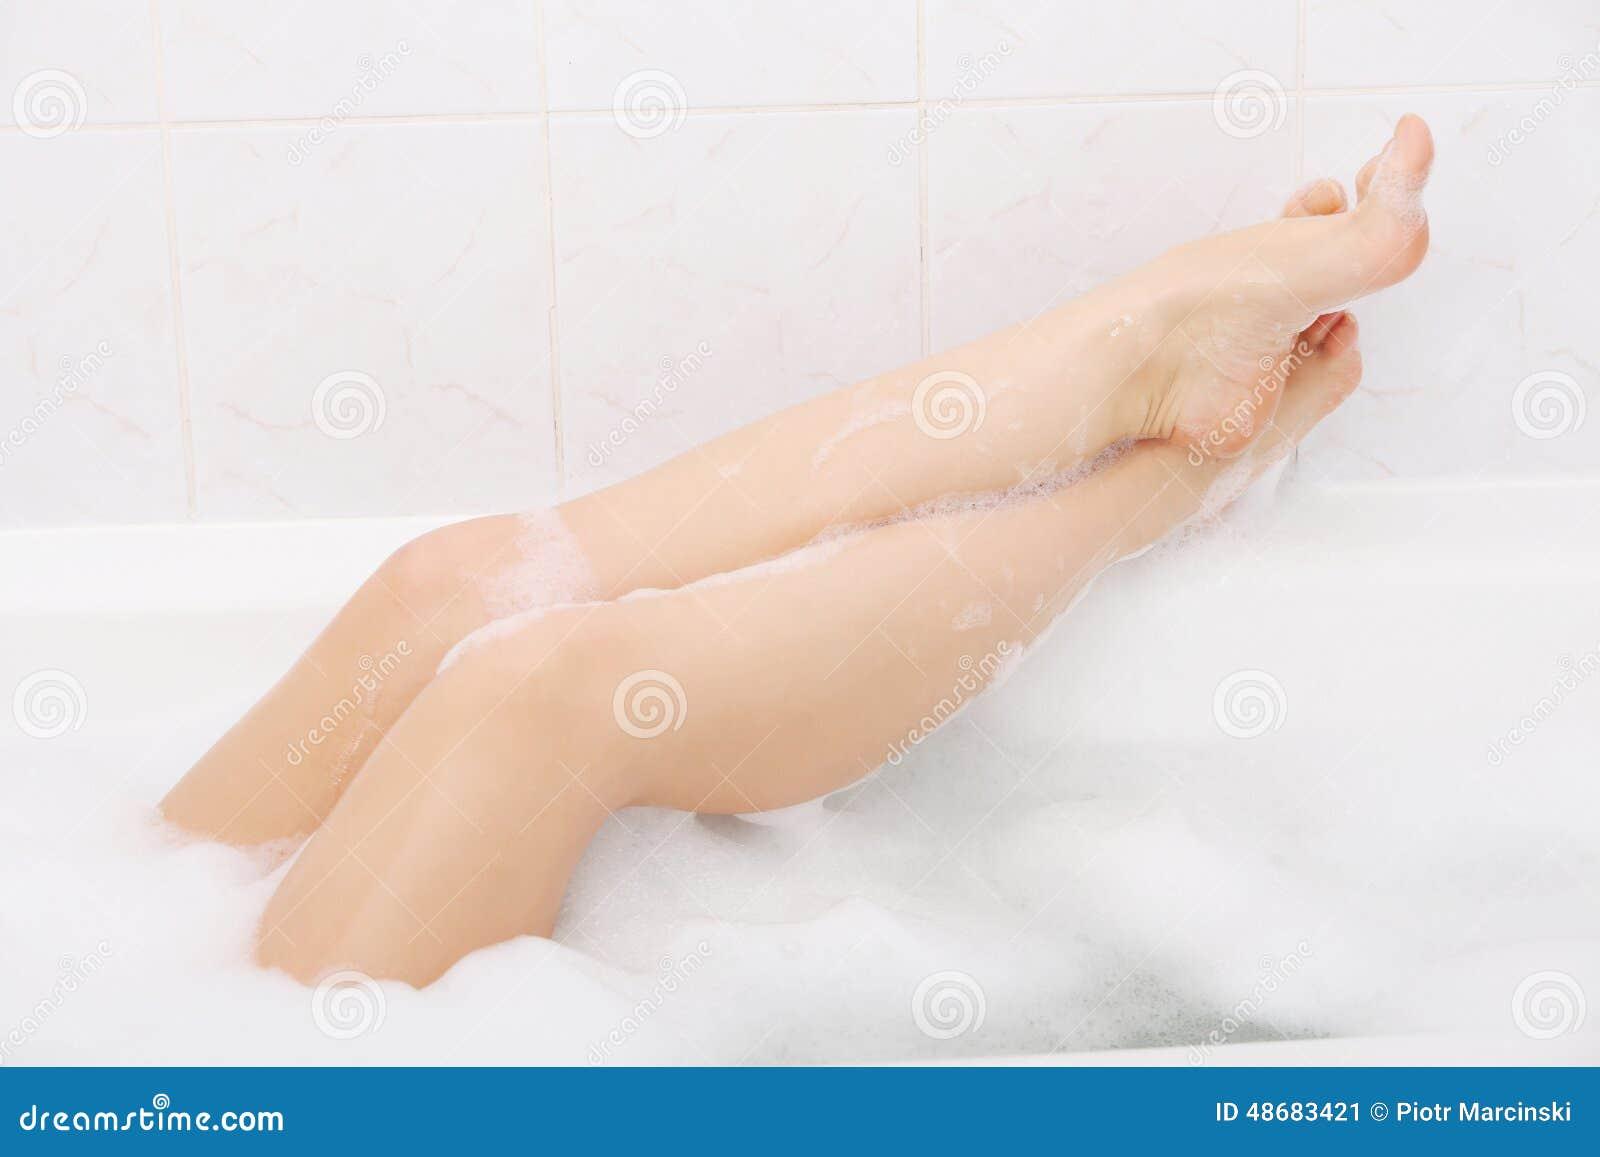 Фото ноги девушек в ванной, Девушки фоткают себя в ванной Часть 5 (52 фото) 23 фотография